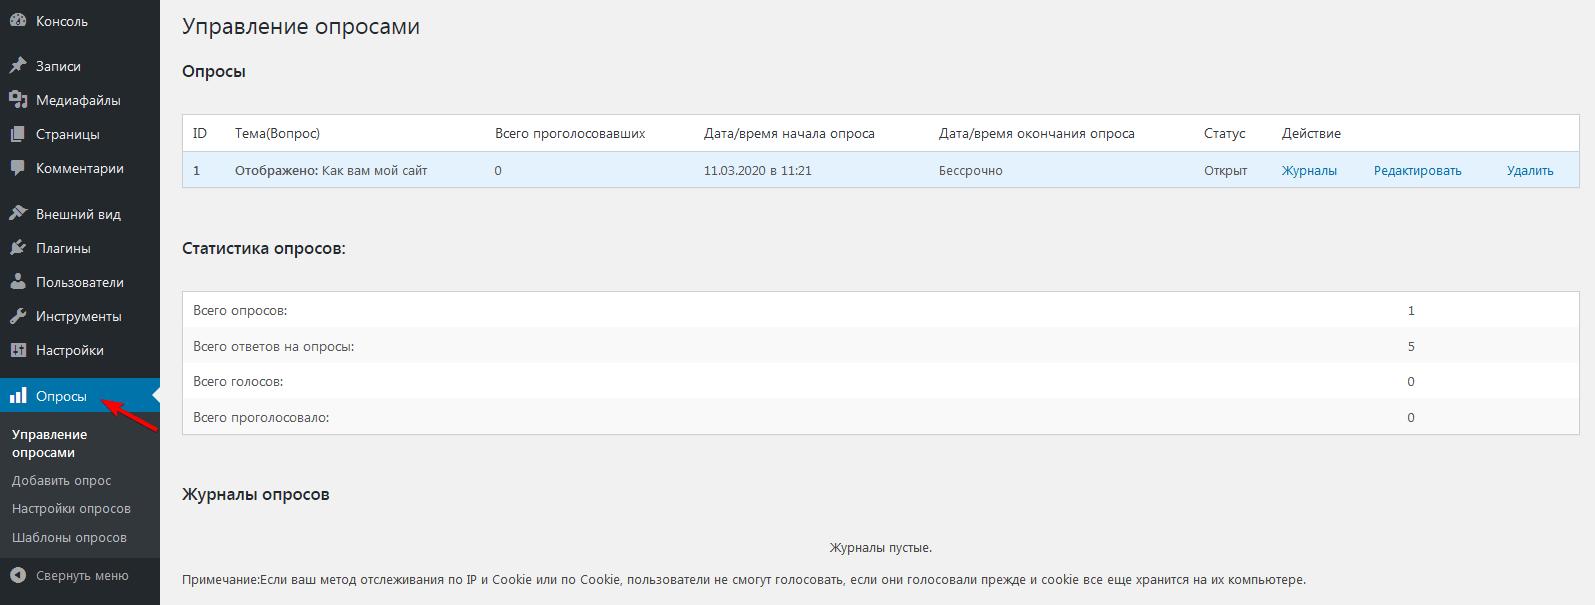 Список опросов в плагине WP-Polls